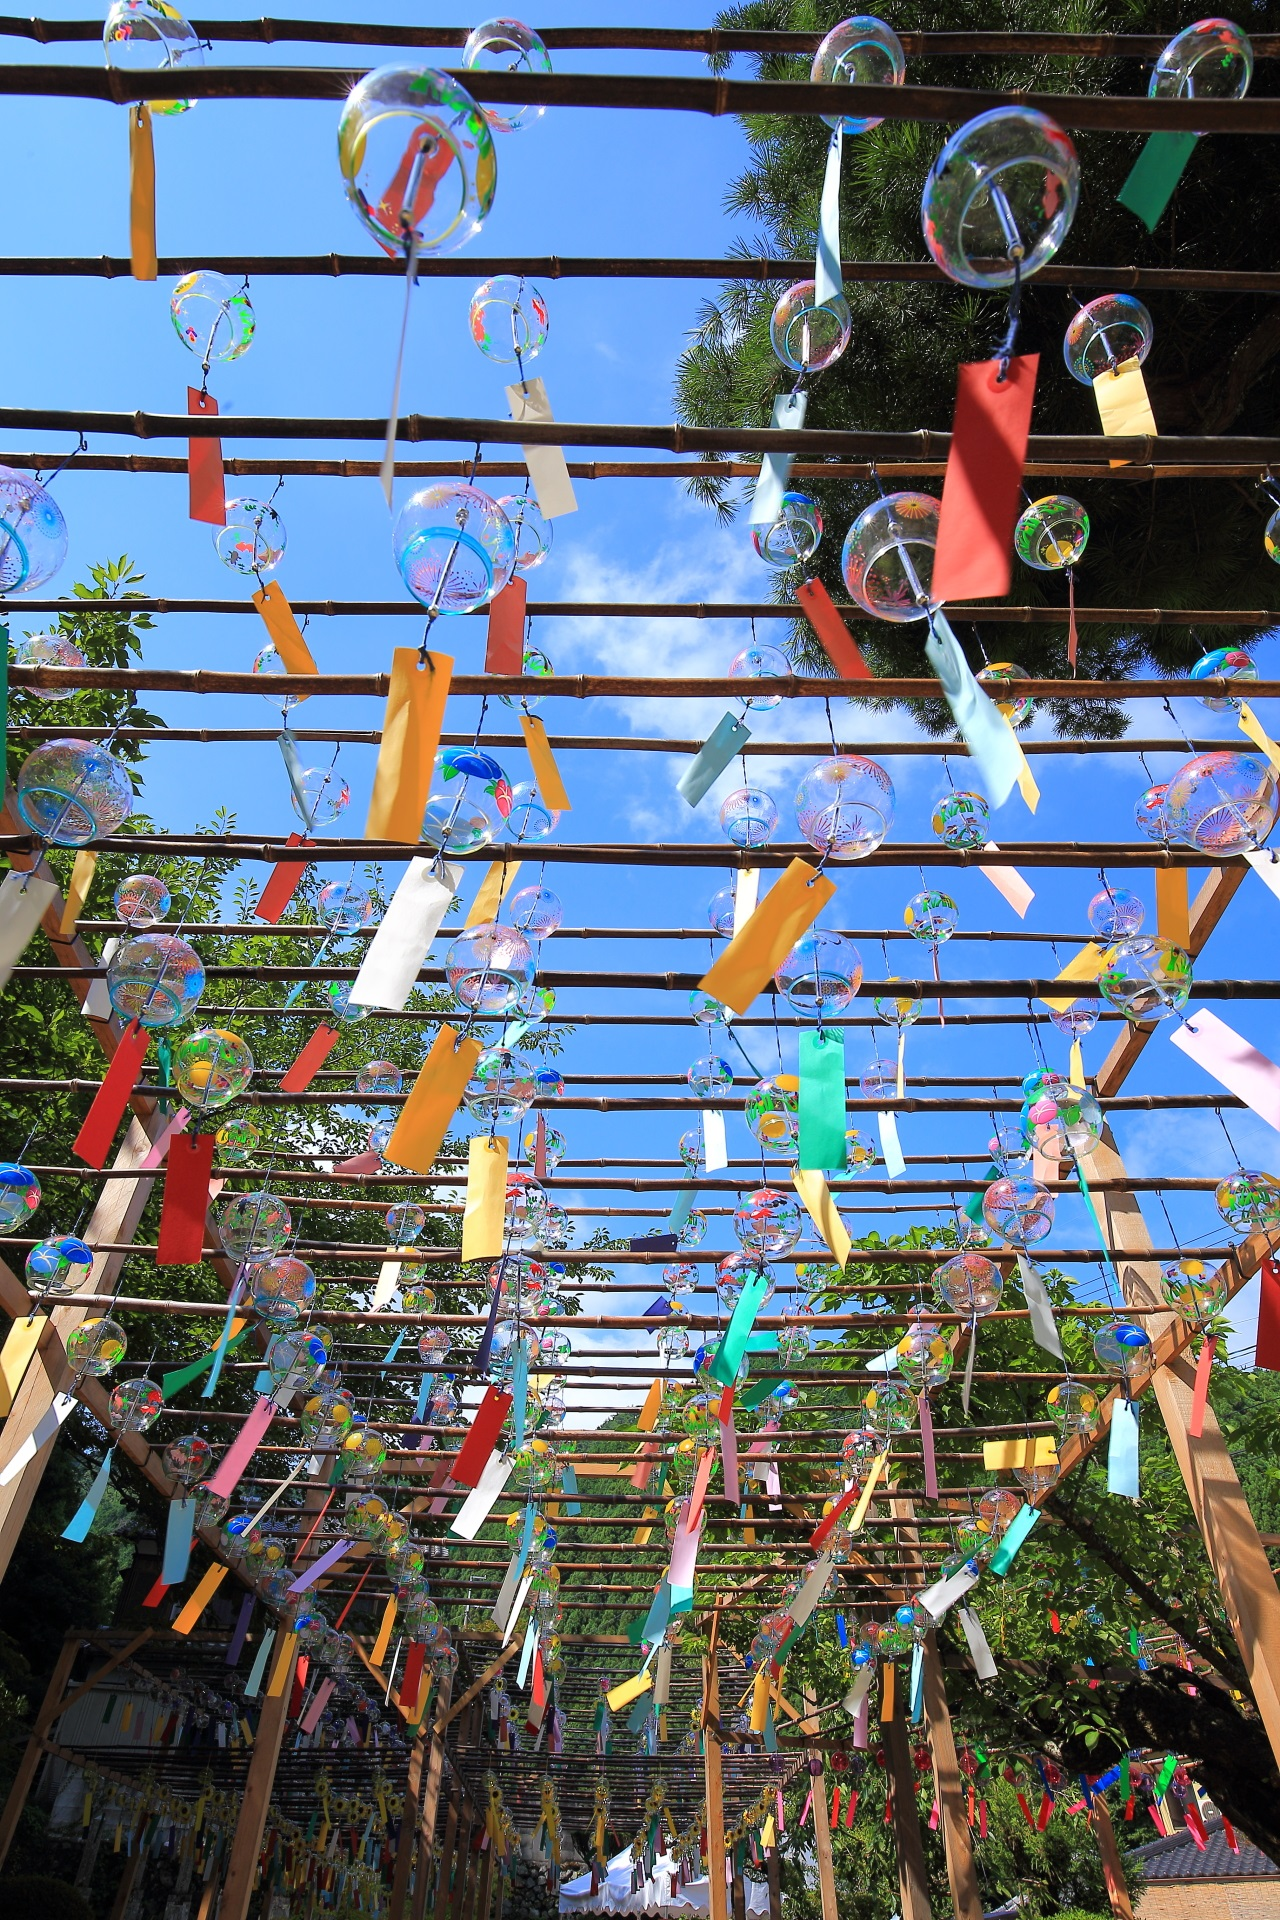 正寿院の素晴らしい風鈴まつりと夏の情景